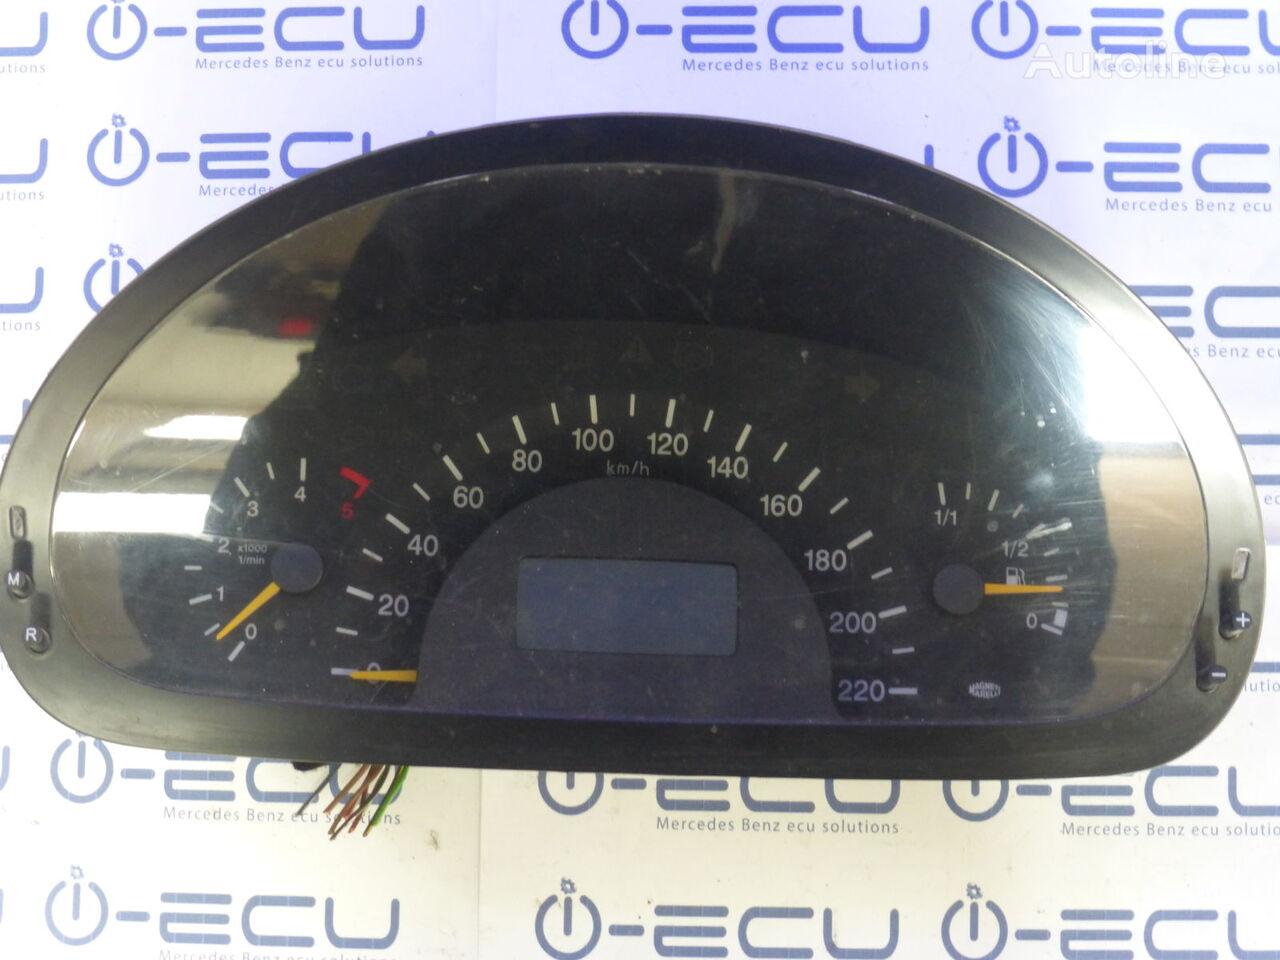 deska rozdzielcza MAGNETI MARELLI do samochodu MERCEDES-BENZ VITO 639